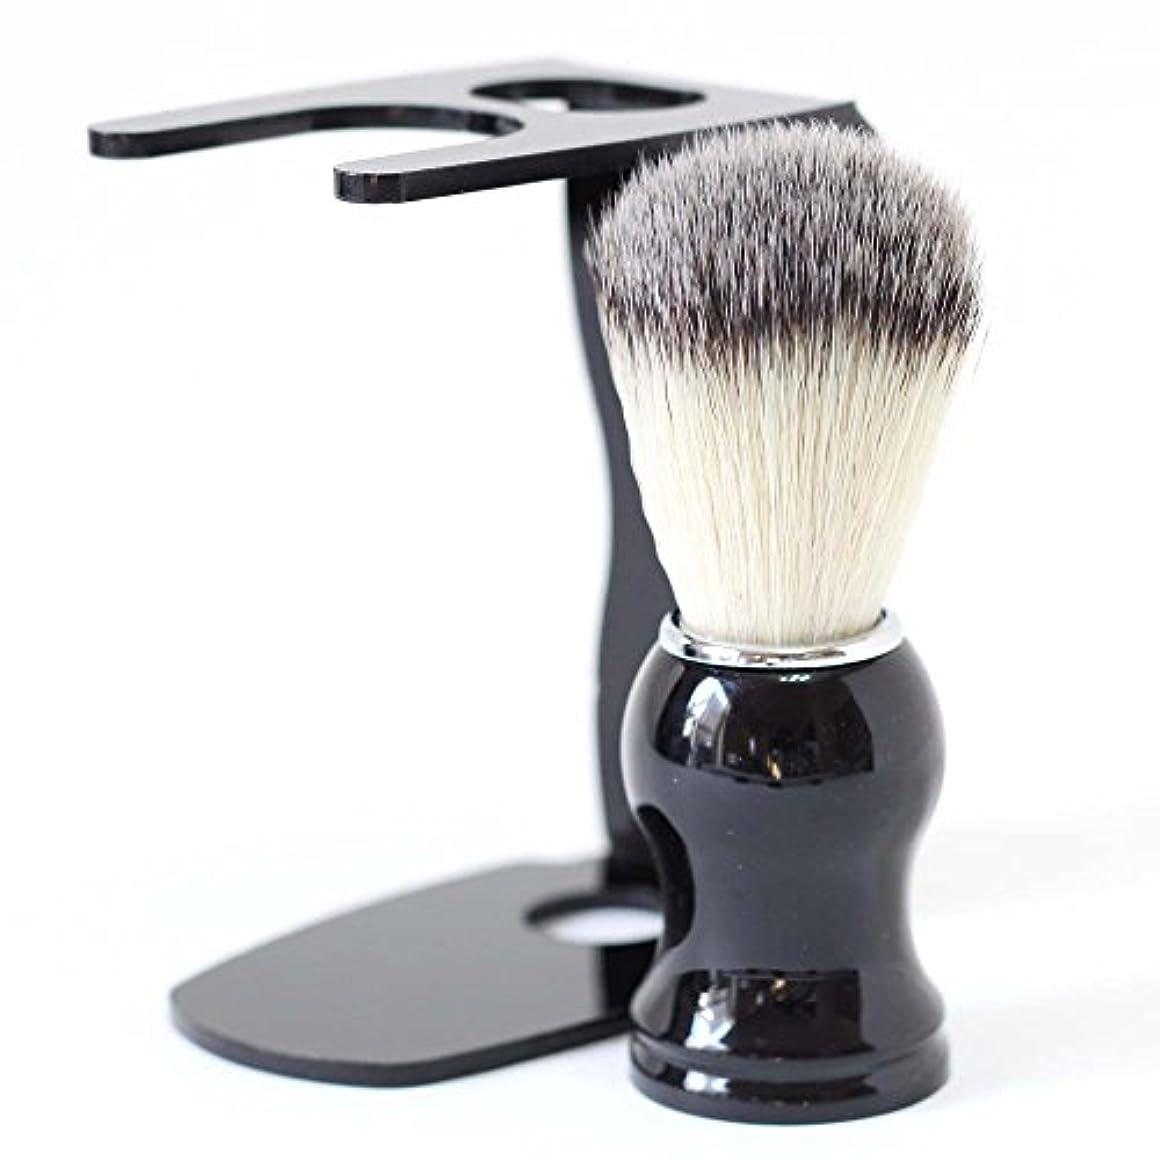 どうしたのフラフープ打撃【Barsado】泡立ちが違う 100% アナグマ 毛 シェービング ブラシ スタンド付き/理容 洗顔 髭剃り マッサージ 効果